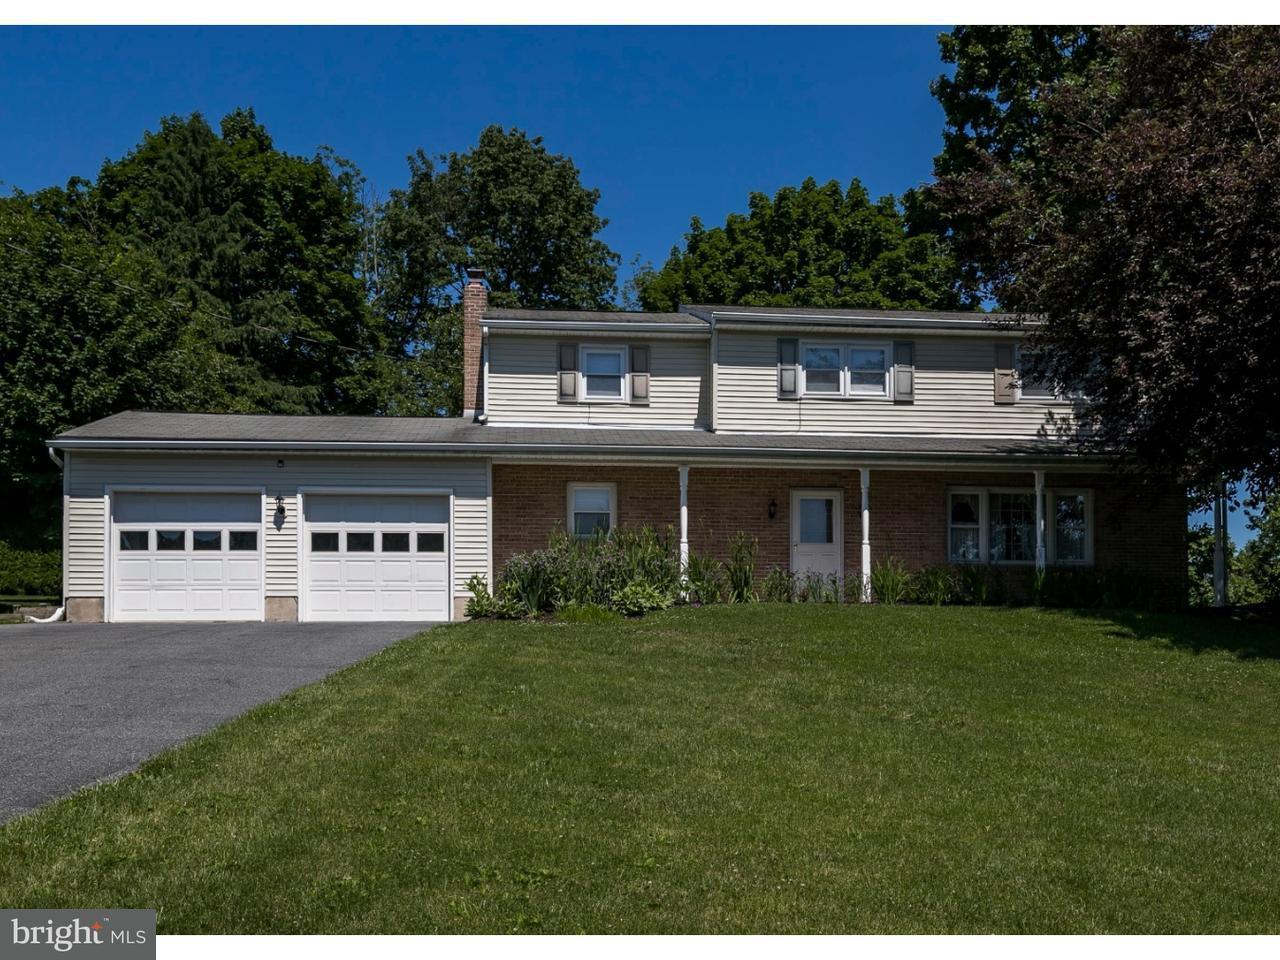 Частный односемейный дом для того Продажа на 40 CLAY SLATE Road Oley, Пенсильвания 19547 Соединенные Штаты